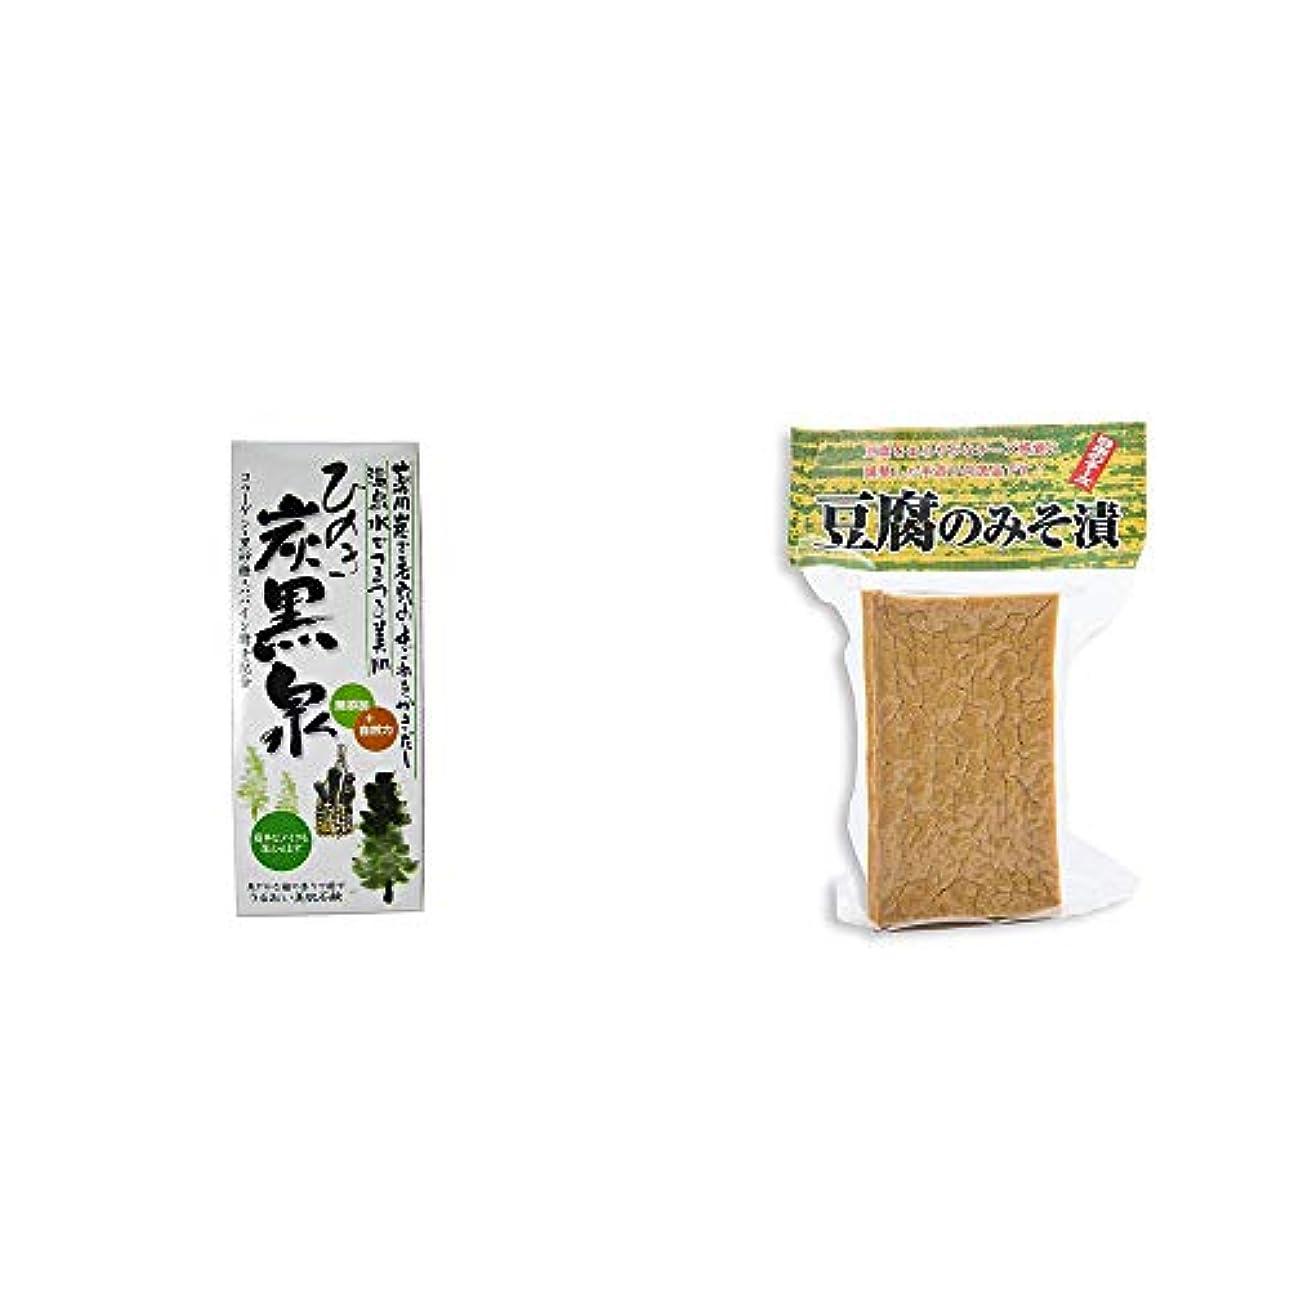 モードリン価値立証する[2点セット] ひのき炭黒泉 箱入り(75g×3)?日本のチーズ 豆腐のみそ漬(1個入)